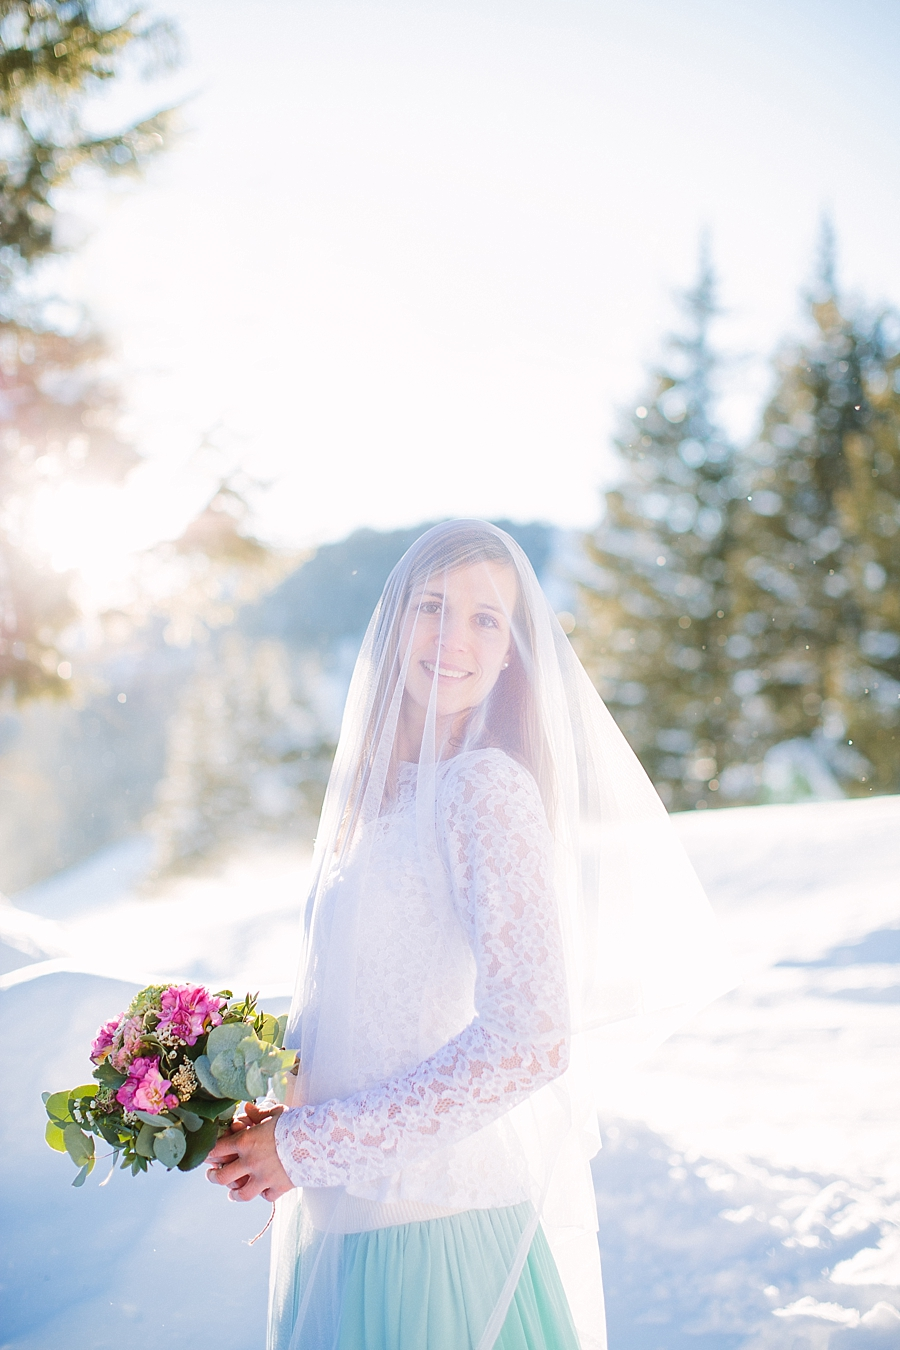 Hochzeitsfotografie Archives - aline lange FOTOGRAFIE